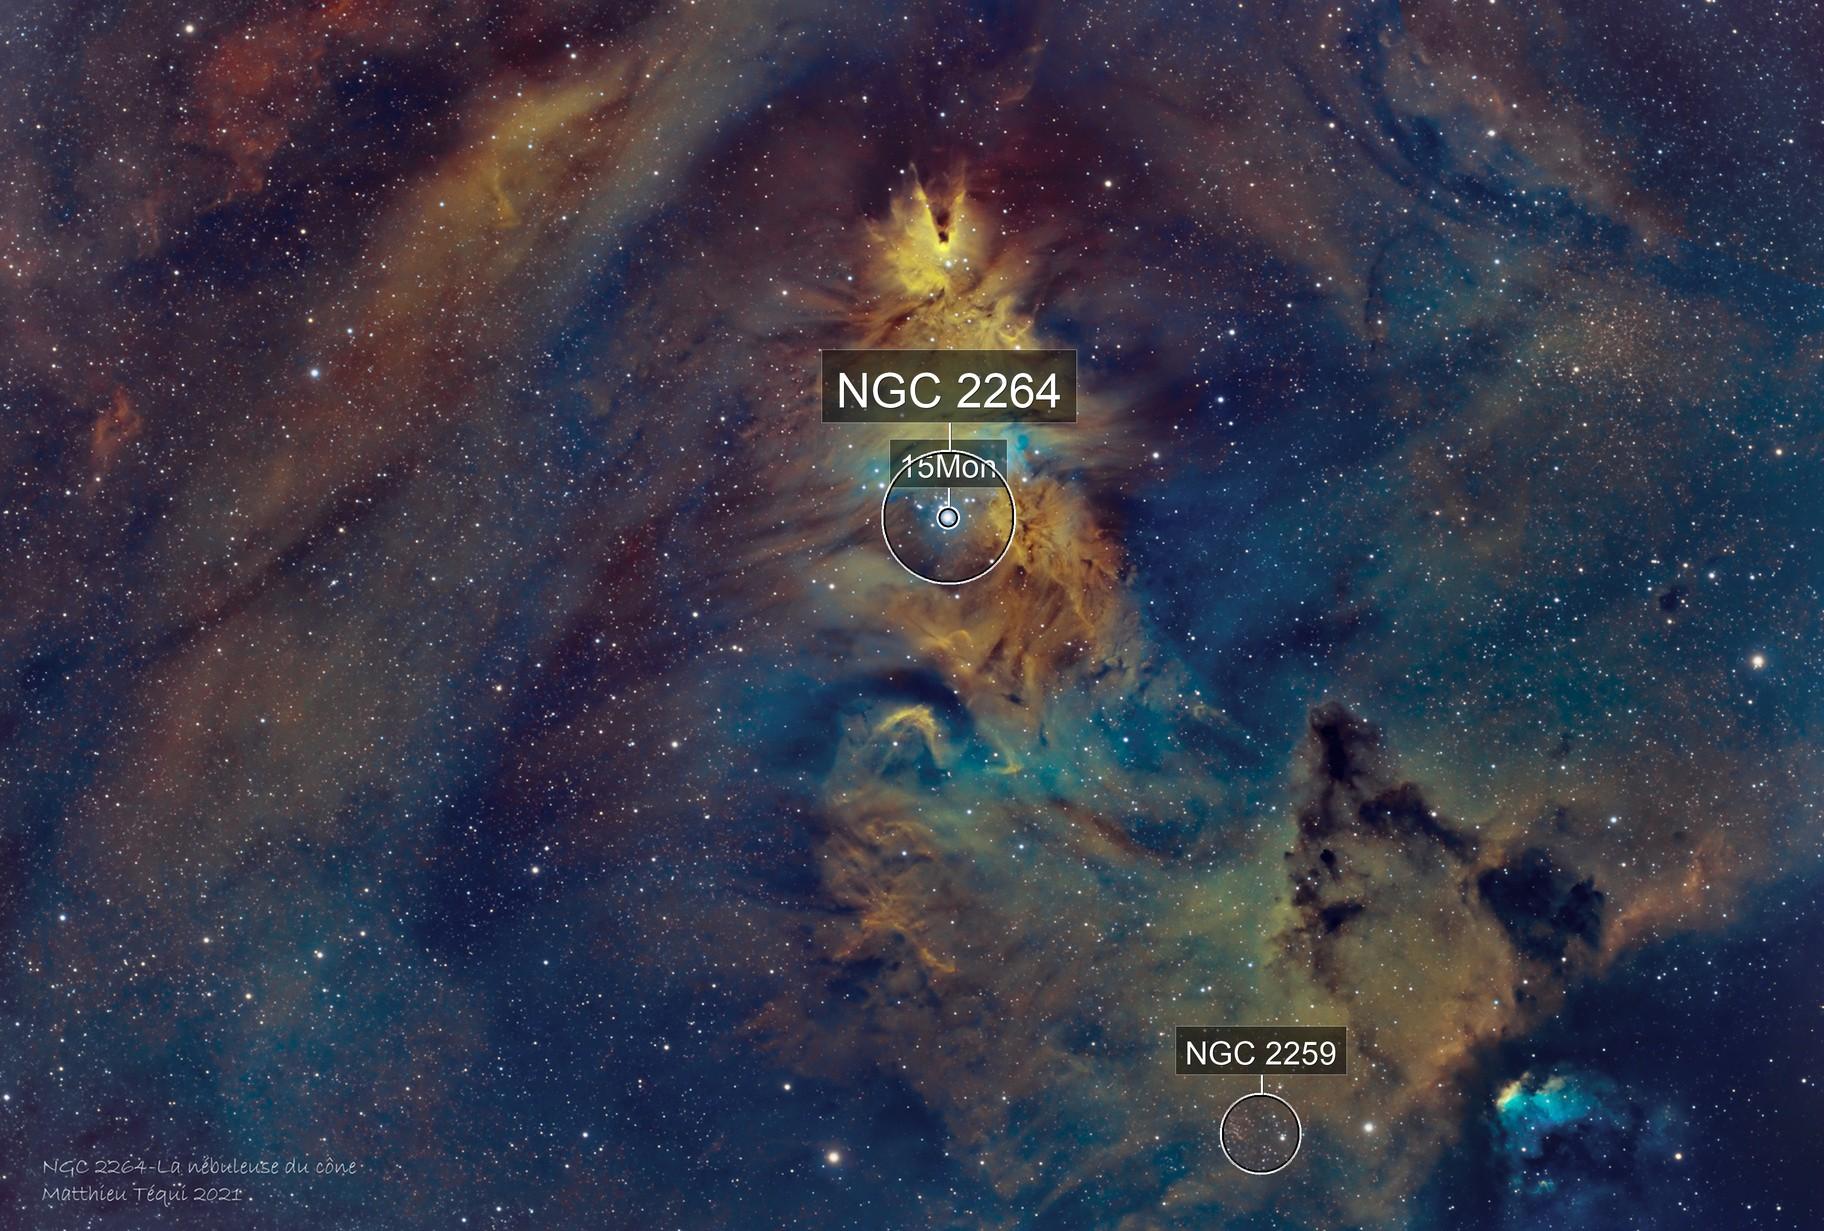 NGC 2264-la nébuleuse du cône SHO